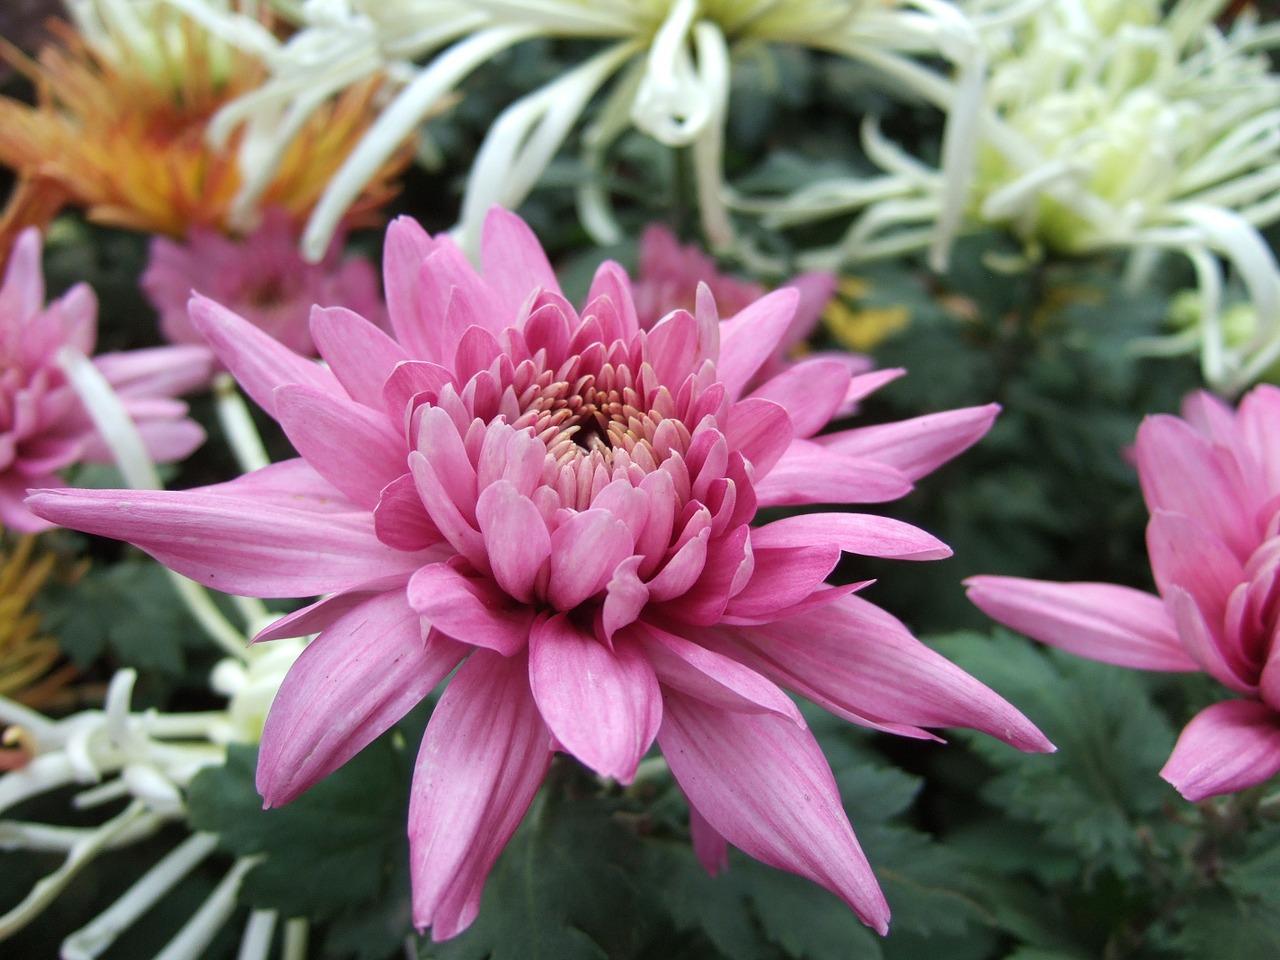 Duże kwiaty chryzantem w ogrodzie